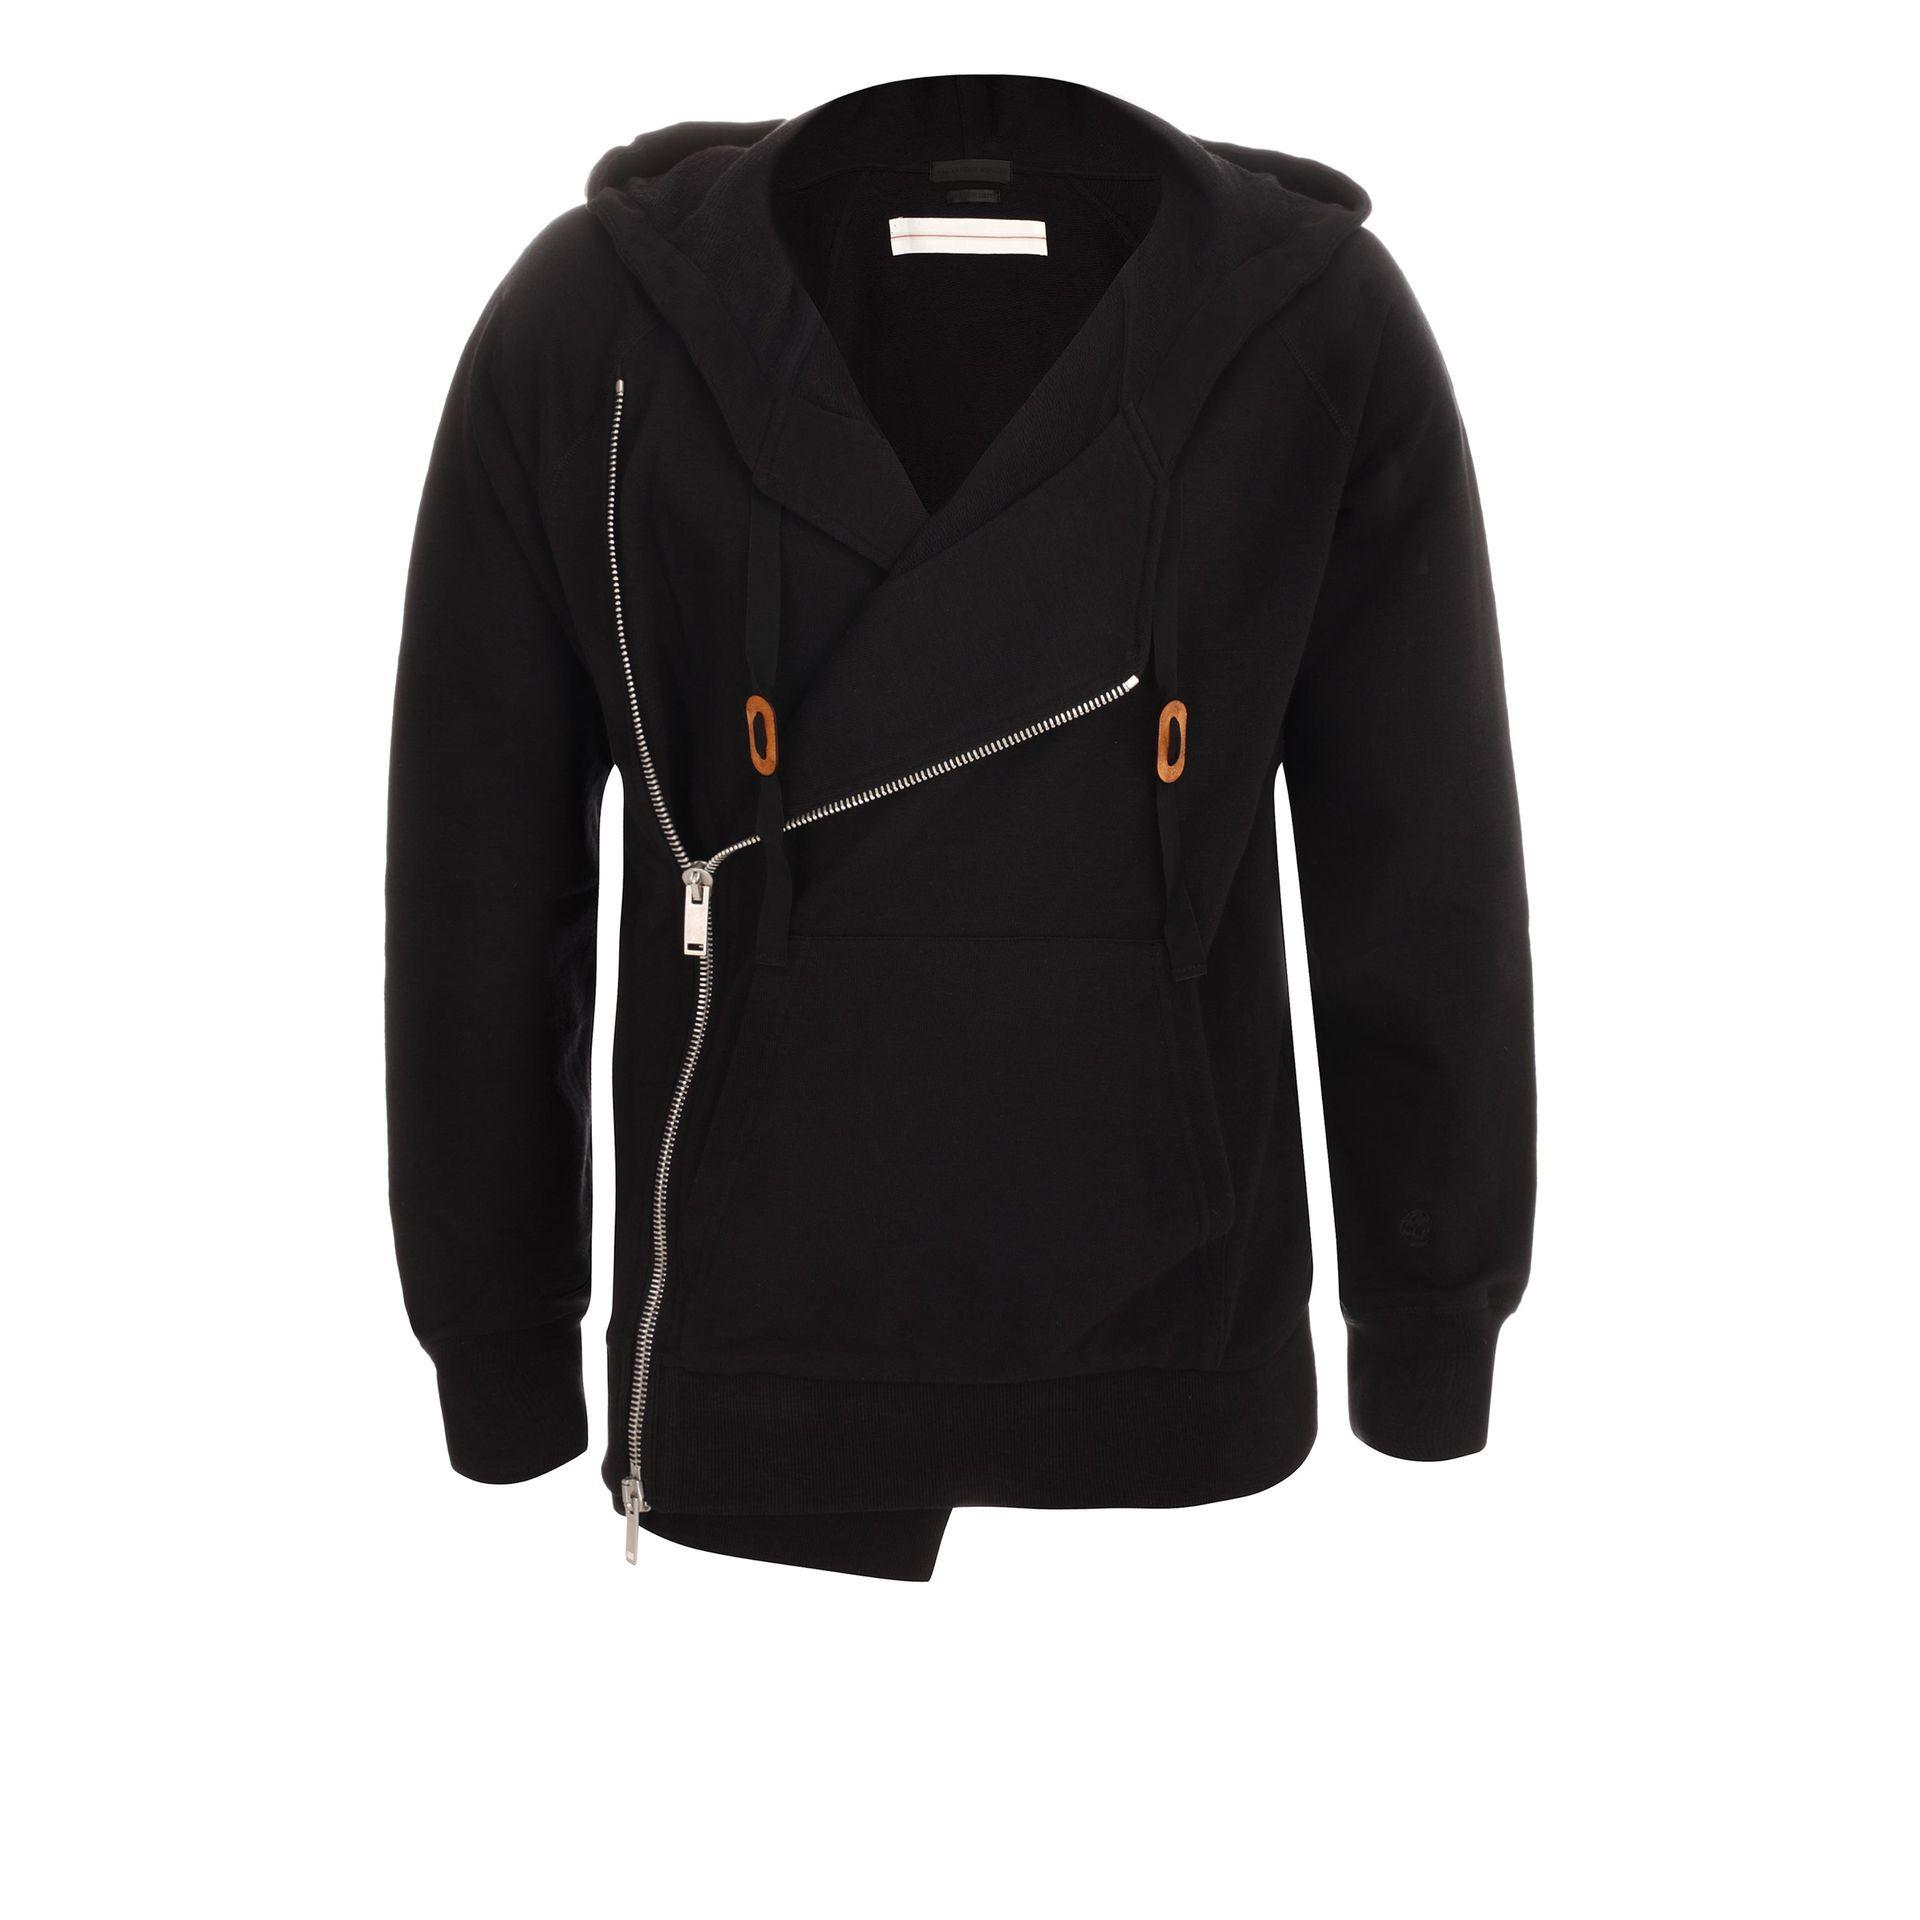 Zip Up Hooded Sweatshirt Alexander McQueen | Zip Up | Knitwear |